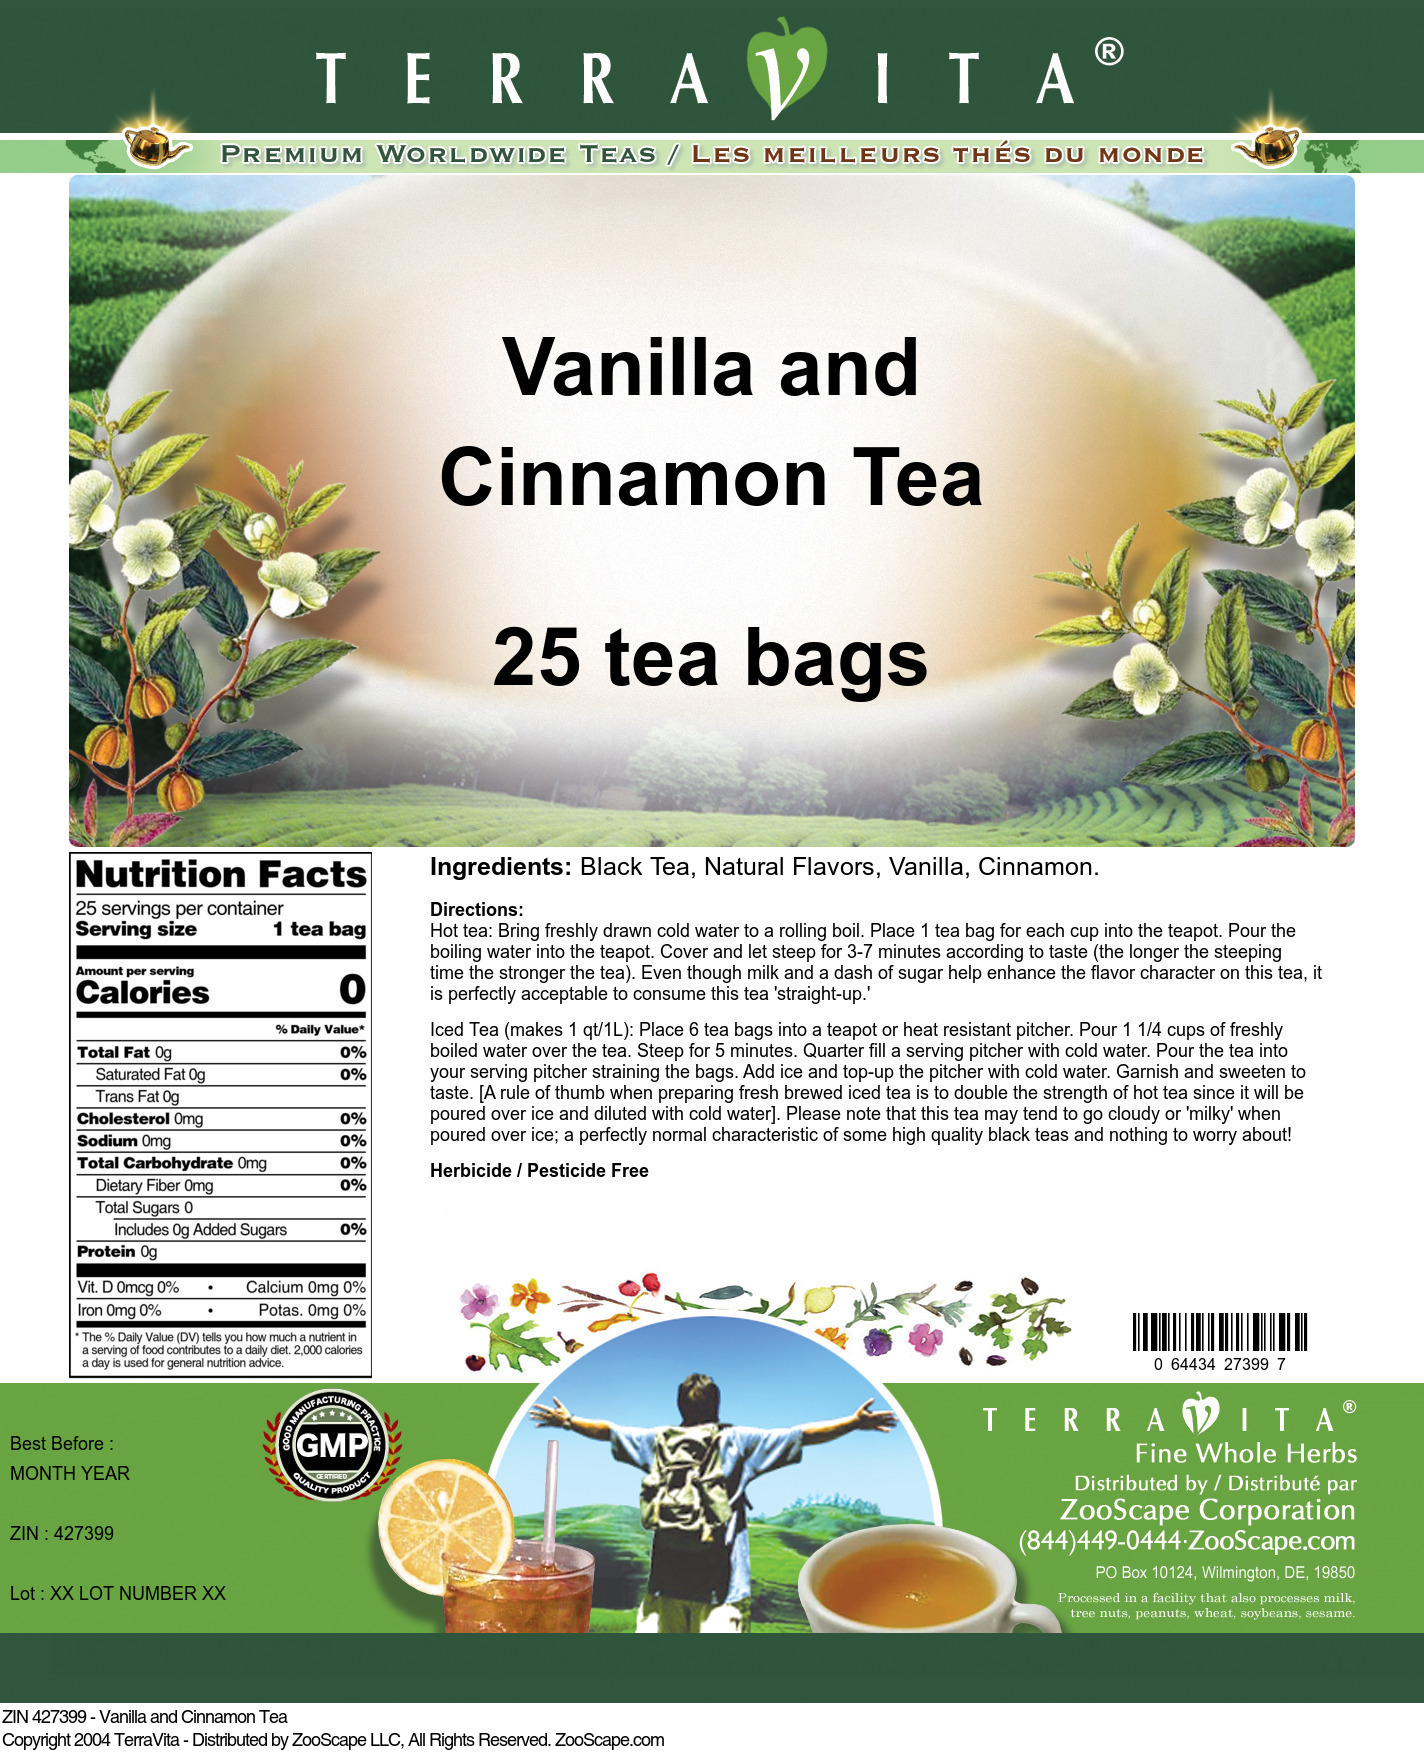 Vanilla and Cinnamon Black Tea